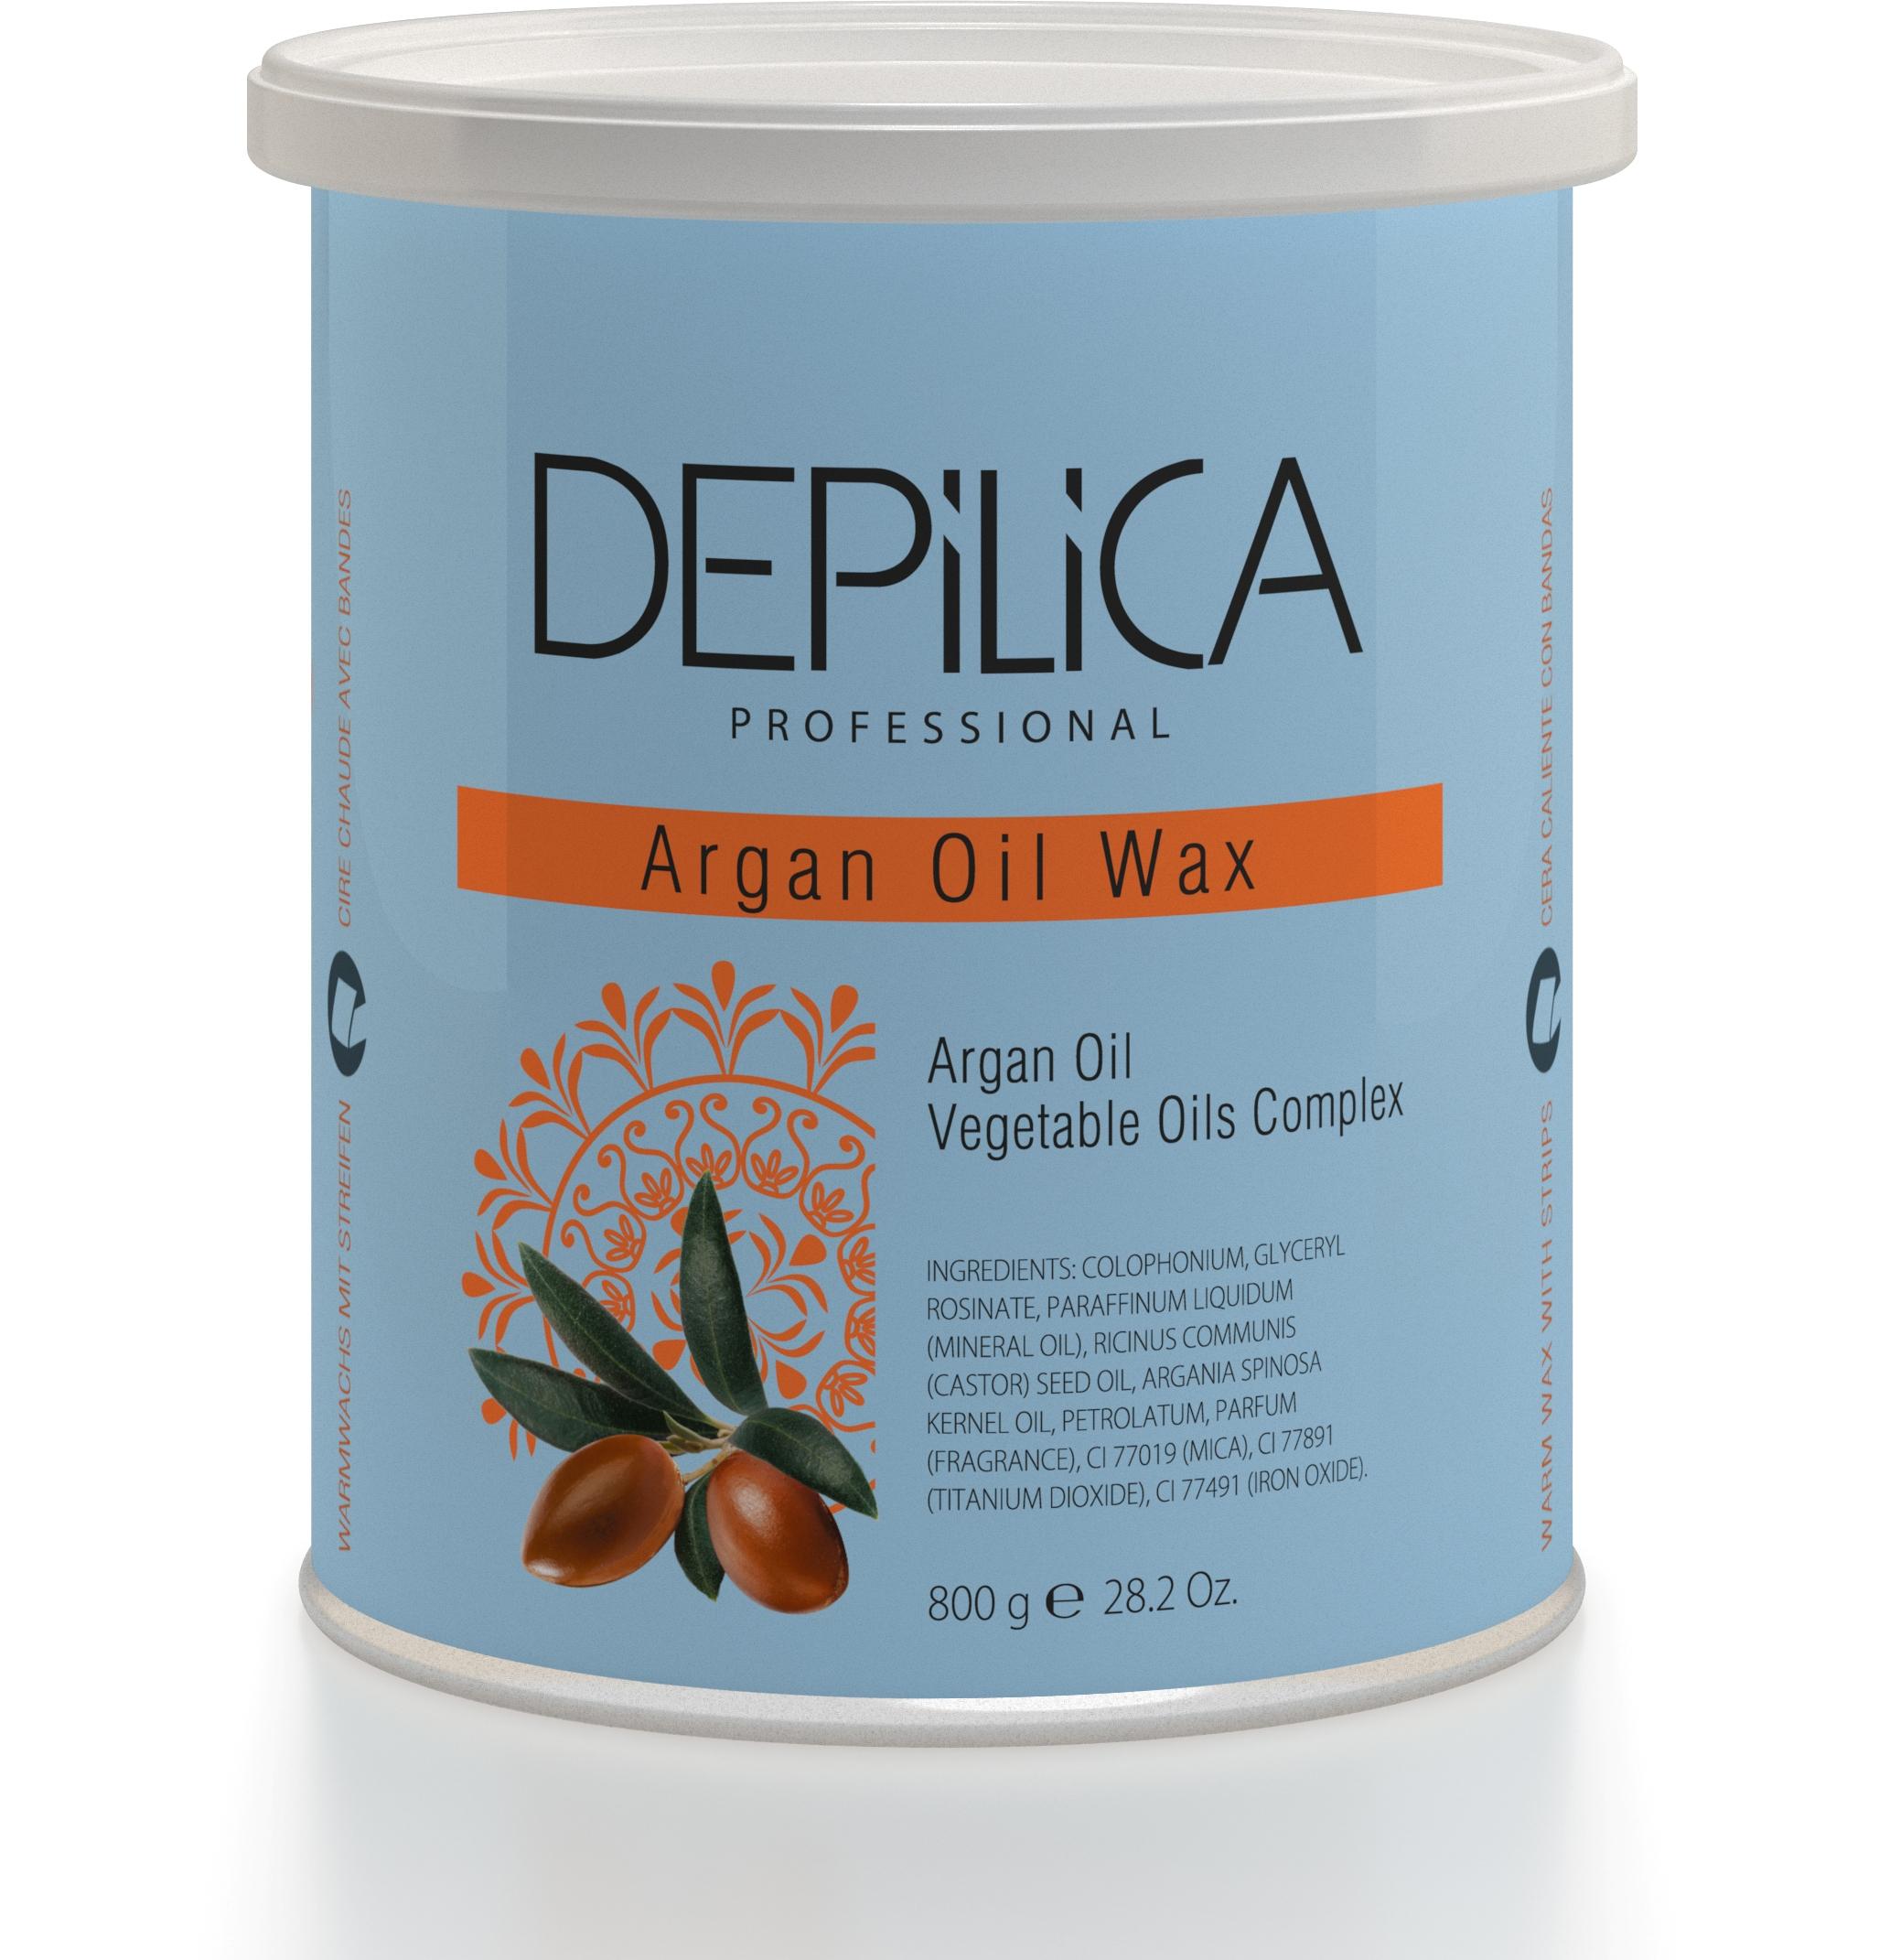 DEPILICA PROFESSIONAL Воск теплый с маслом Арганы / Argana Oil Warm Wax 800грВоски<br>Содержит аргановое масло, противовоспалительные и восстанавливающие свойства которого обеспечивают комфортную эпиляцию, увлажнение и питание кожи. Обладает полупрозрачной перламутровой текстурой и восточным ароматом. Рекомендуется для сухой кожи. Универсальные картриджи воска подходят для всех стандартных нагревателей. Они оснащены роликом-аппликатором что очень удобно для быстрого и чистого нанесения.<br><br>Типы кожи: Сухая